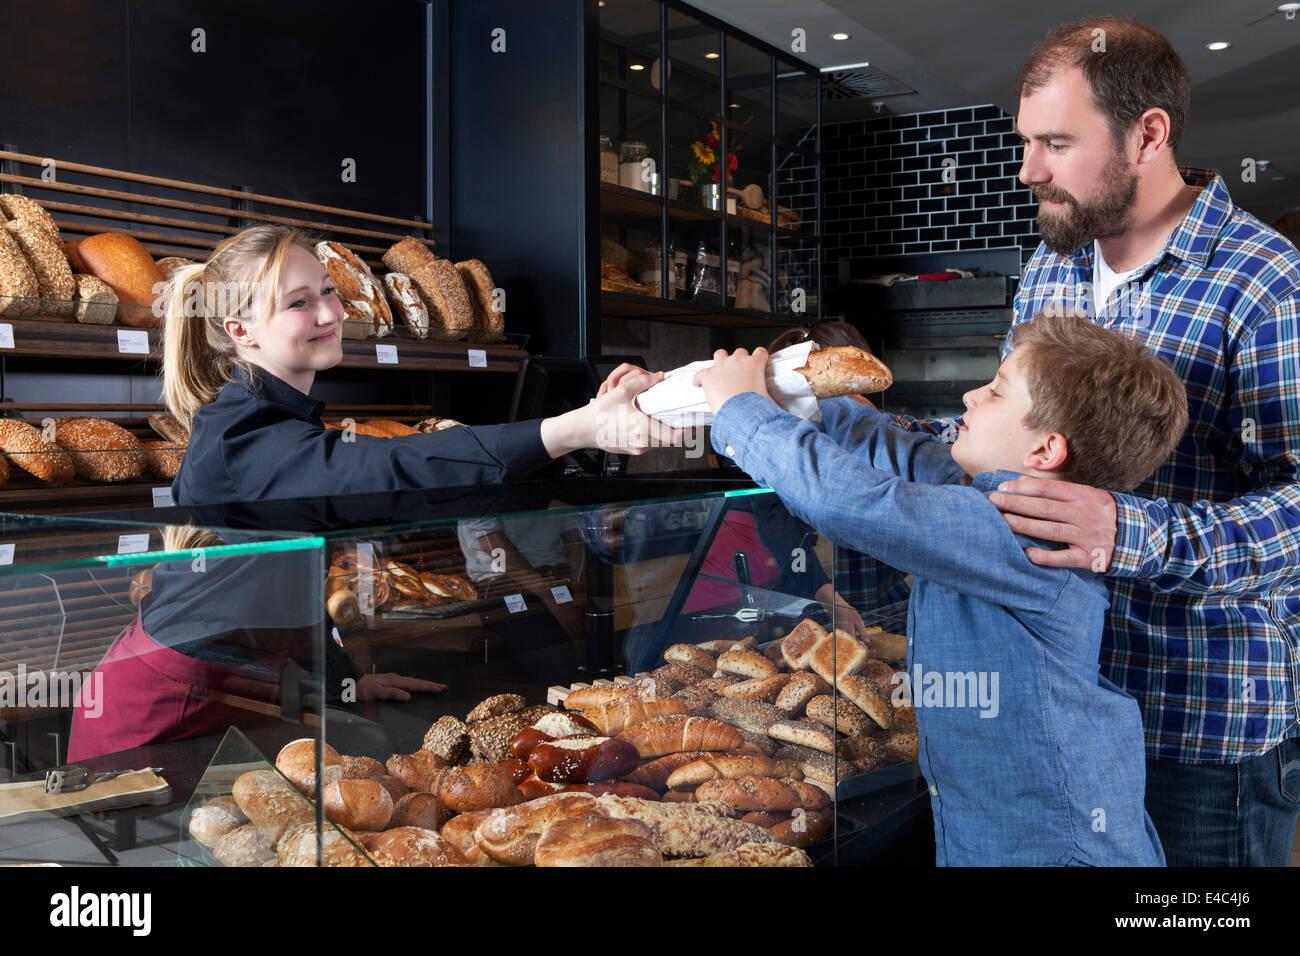 Vater und Sohn Brotkauf in der Bäckerei Stockbild